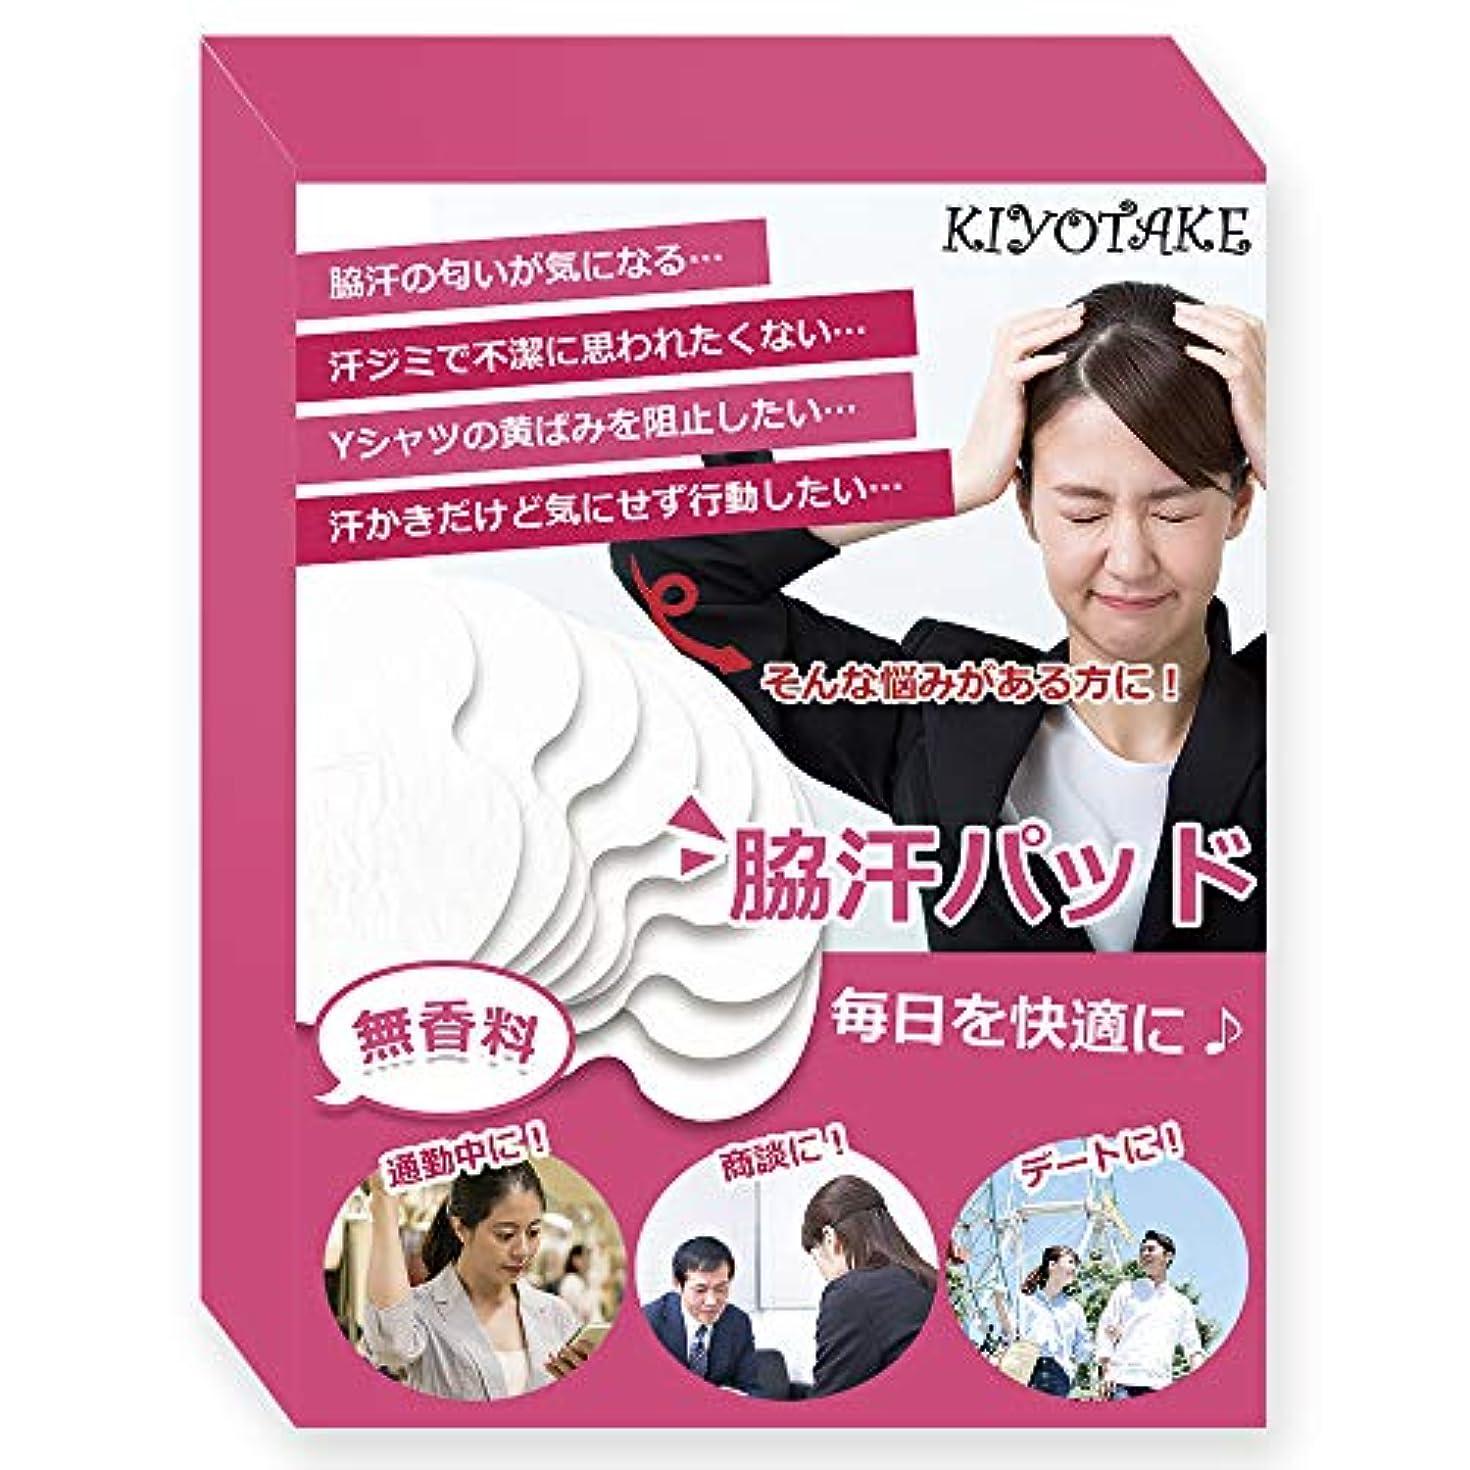 オアシス苗知人【kiyotake】 レディース 脇汗パッド 汗取り 汗じみ 防臭 防止 対策 女性用 40枚入り